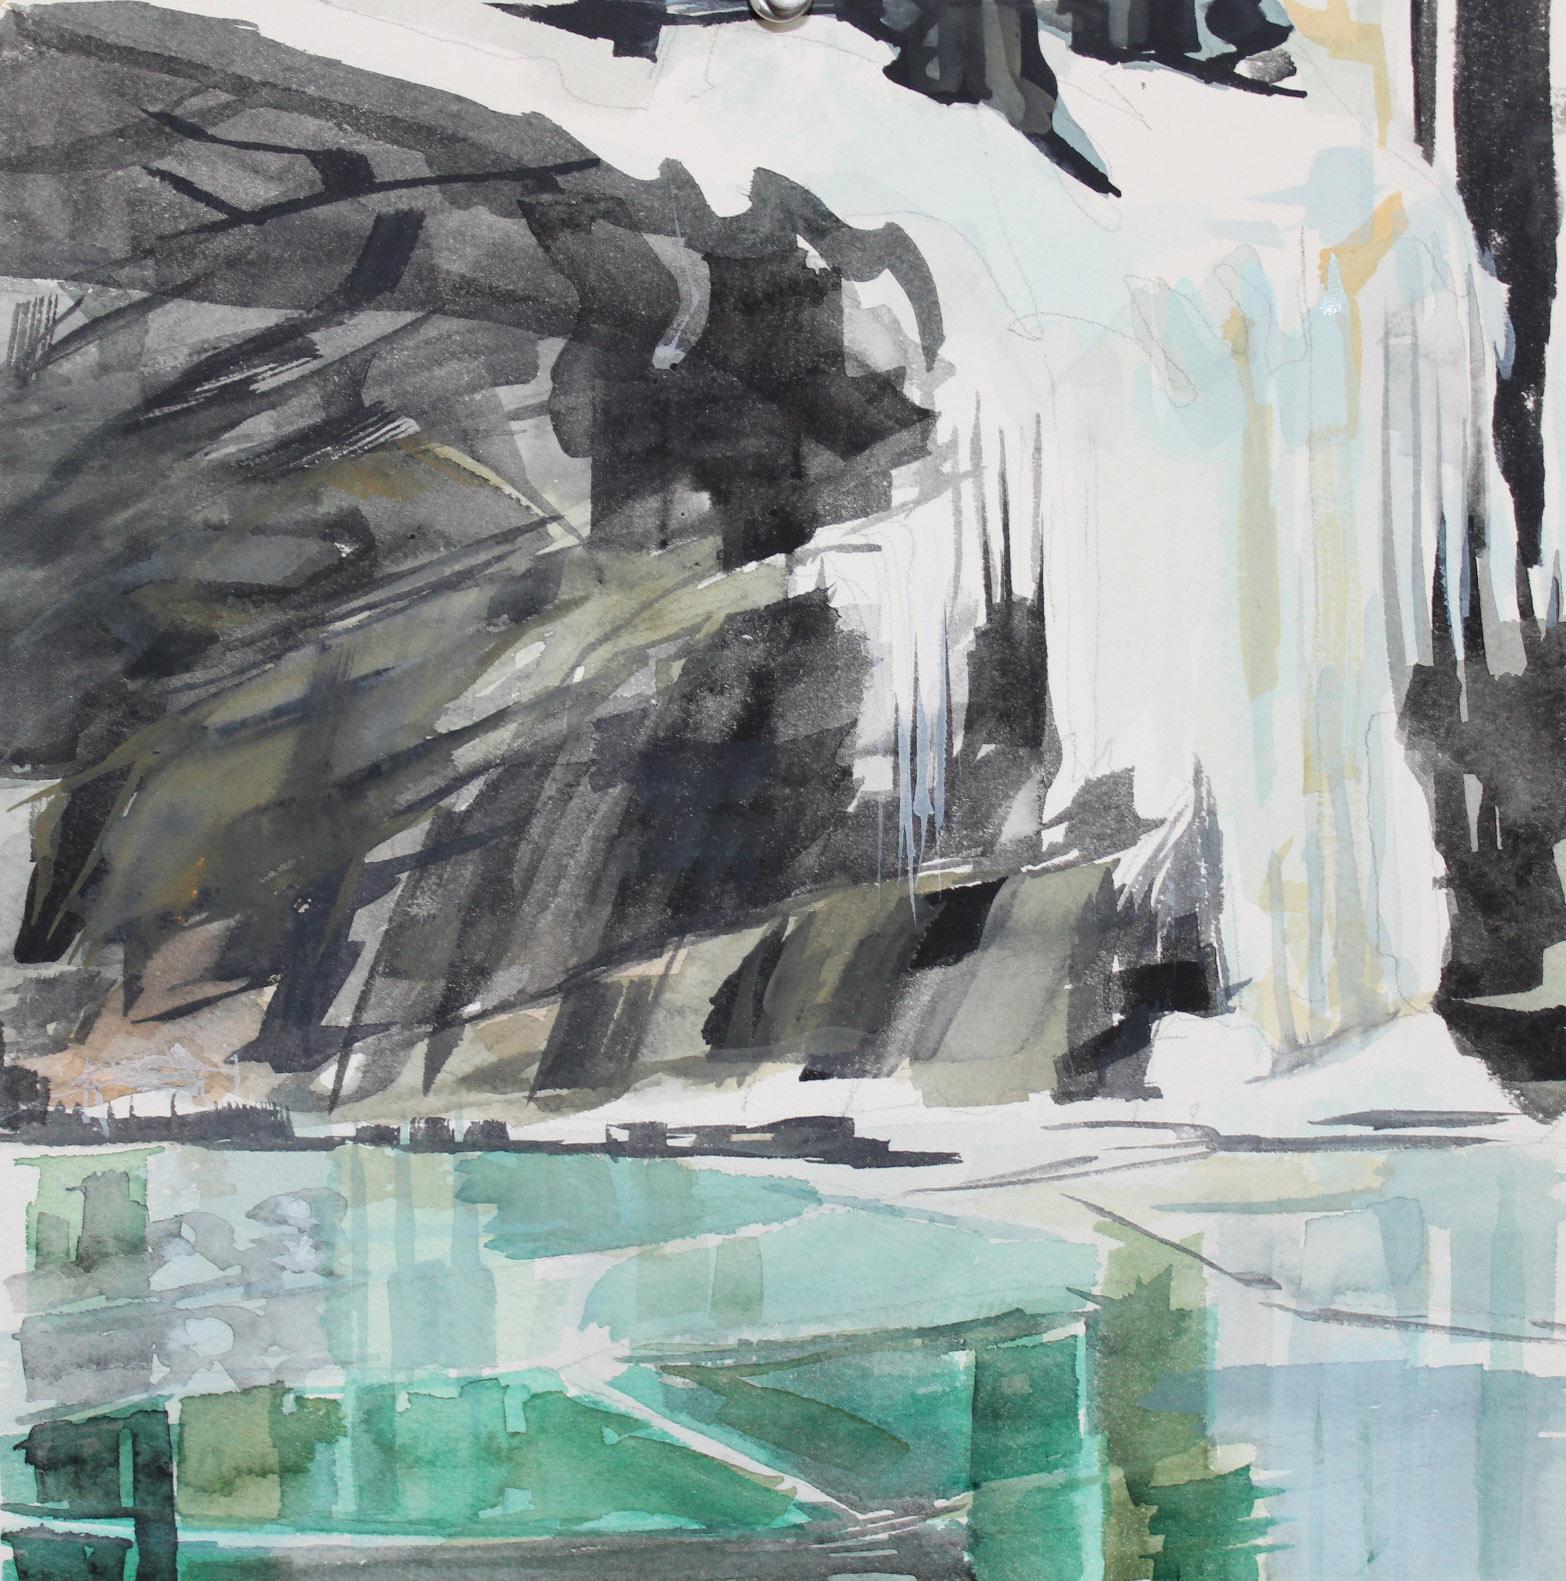 Eagle's Perch watercolor 12 x 12 in.